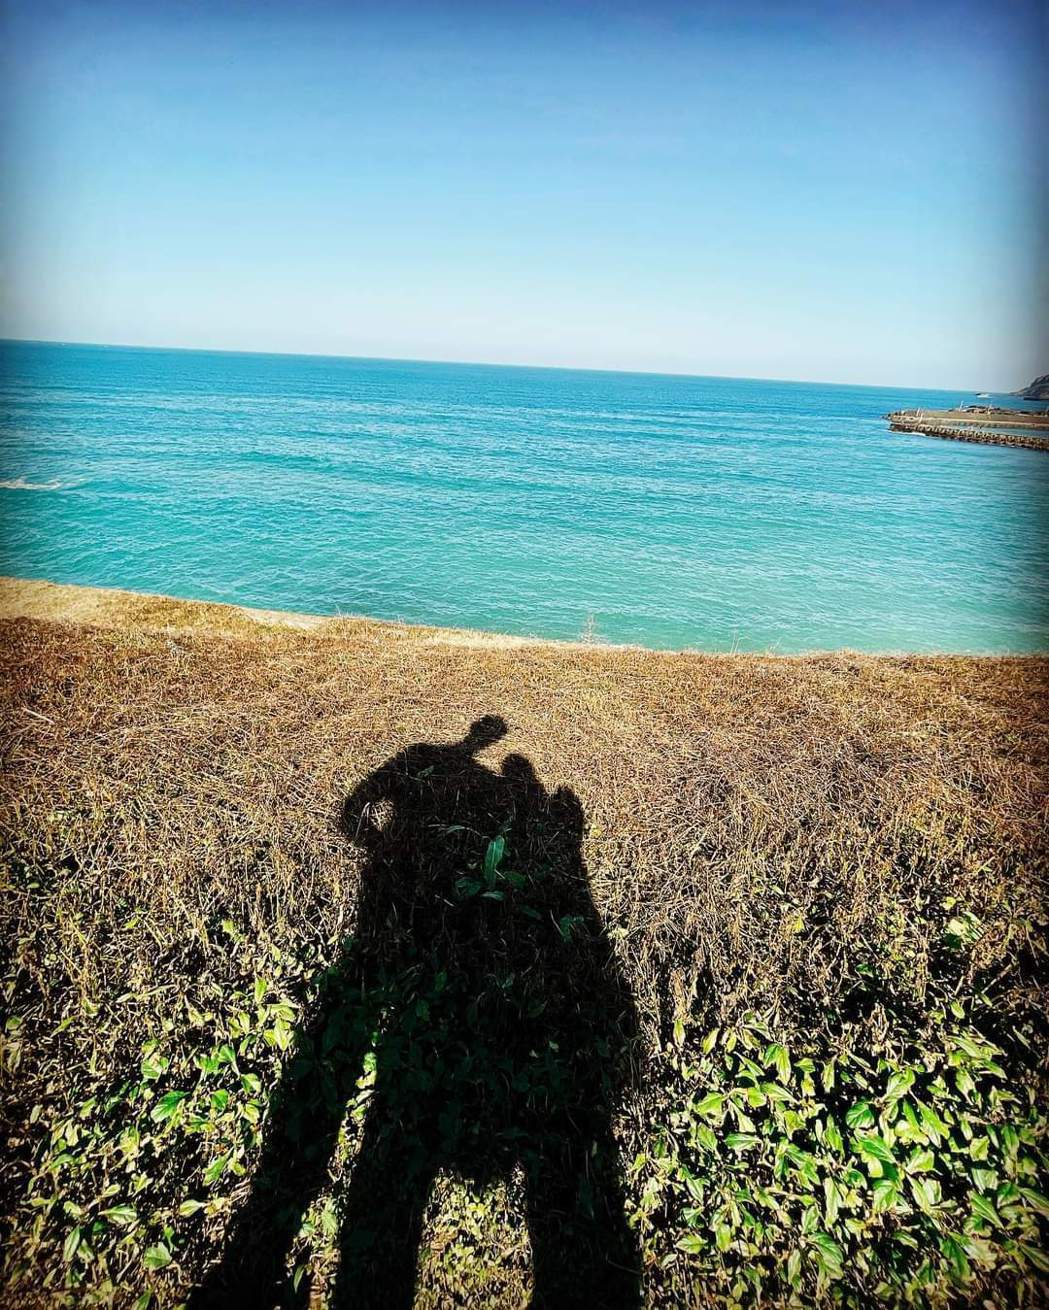 許維恩po出與王家梁的剪影照放閃。圖/摘自臉書